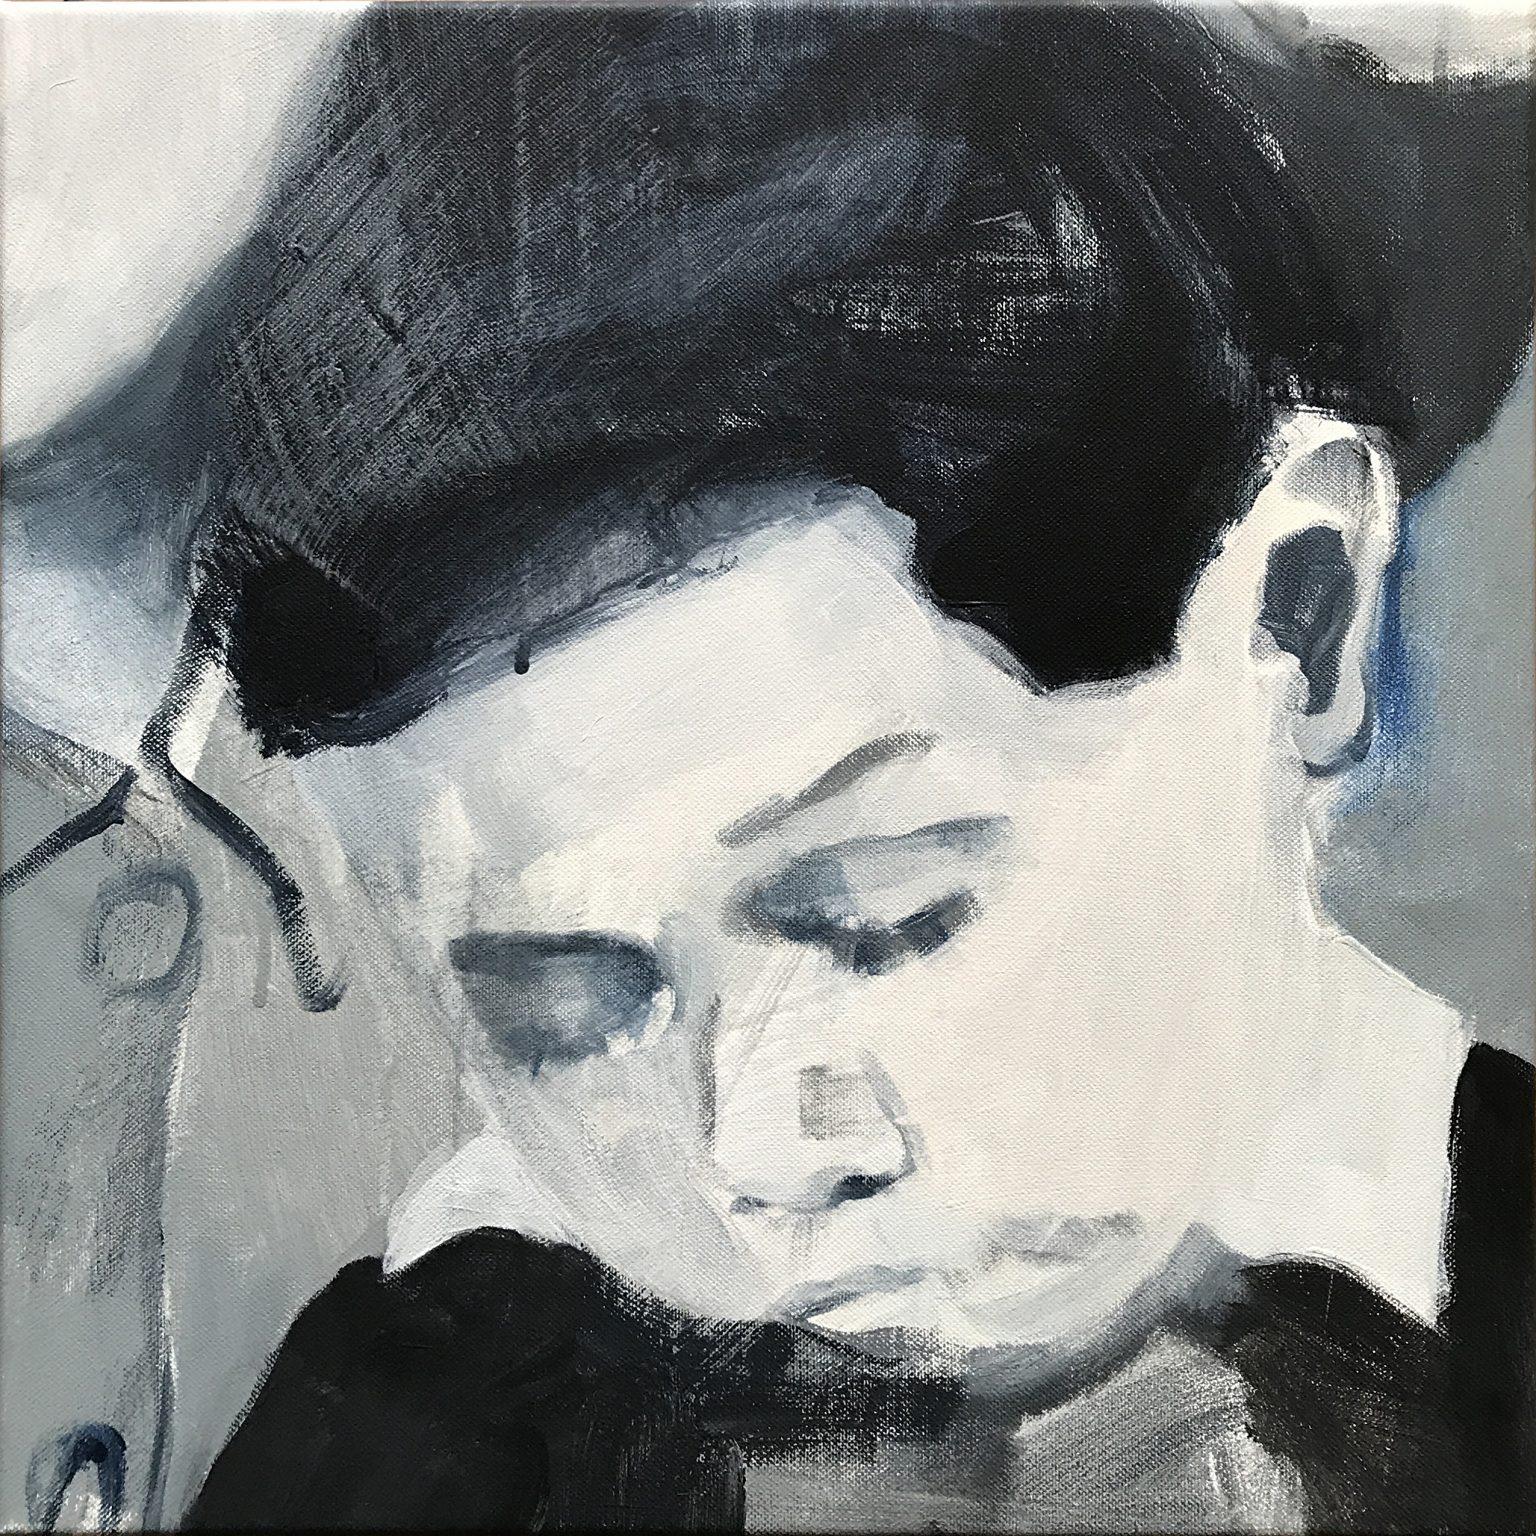 Claude 40x40 cm acrylics on canvas